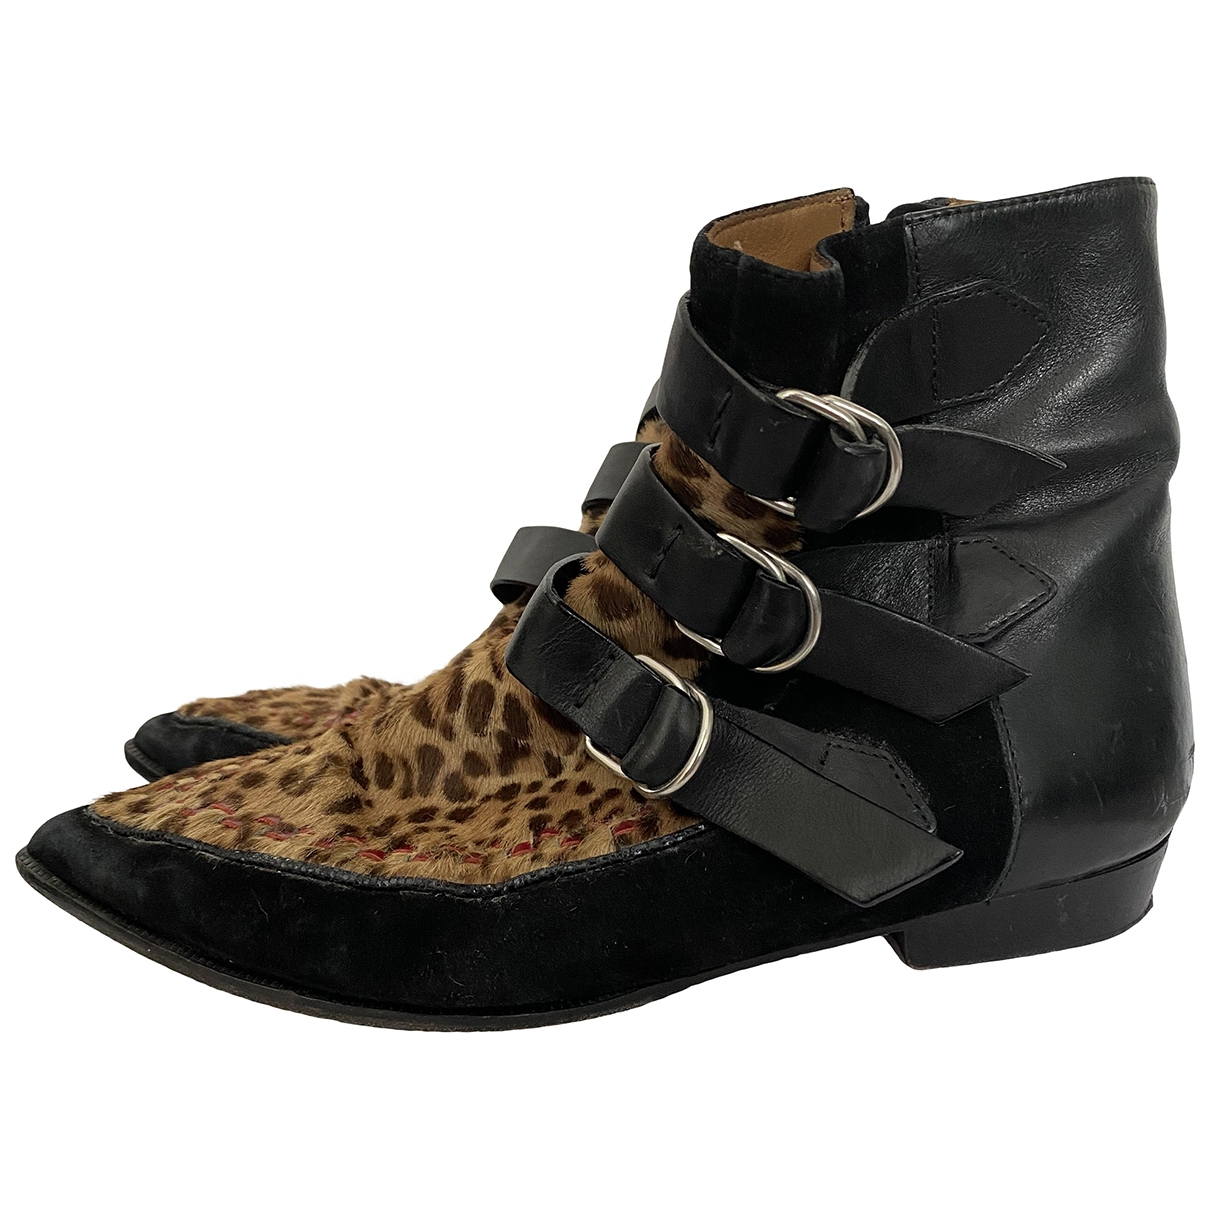 Isabel Marant - Boots Rolling pour femme en veau facon poulain - noir